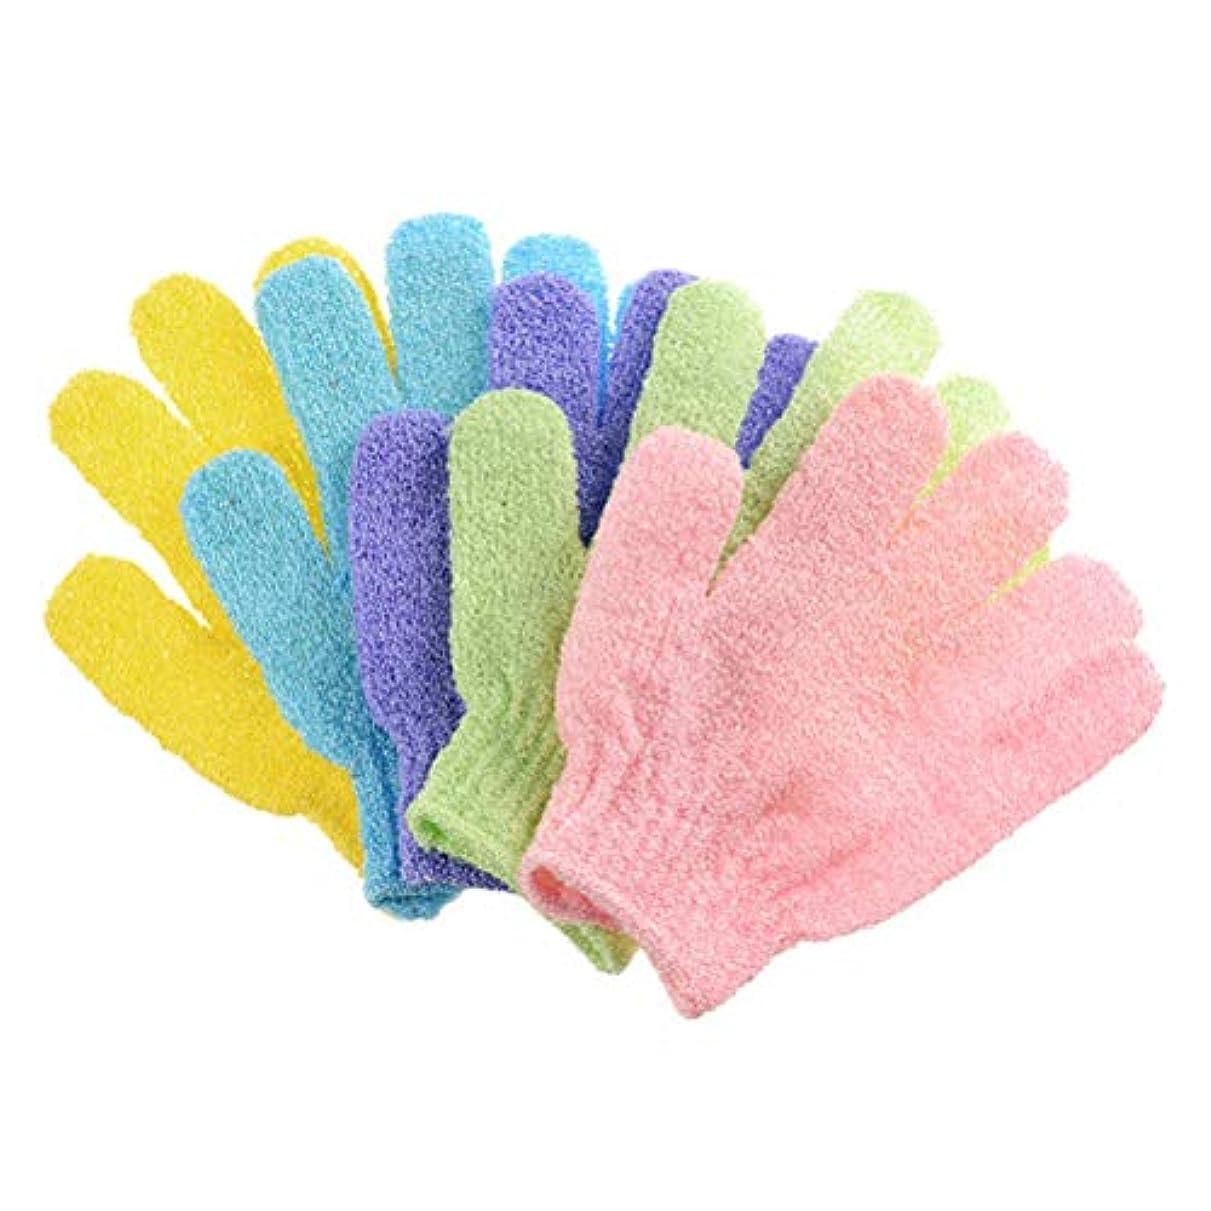 可塑性自分の議会TOPBATHY 20ピースバスウォッシュタオル剥離バスクロス手袋バックスクラバーバスクロスタオルボディ用入浴用シャワースパ(混色)